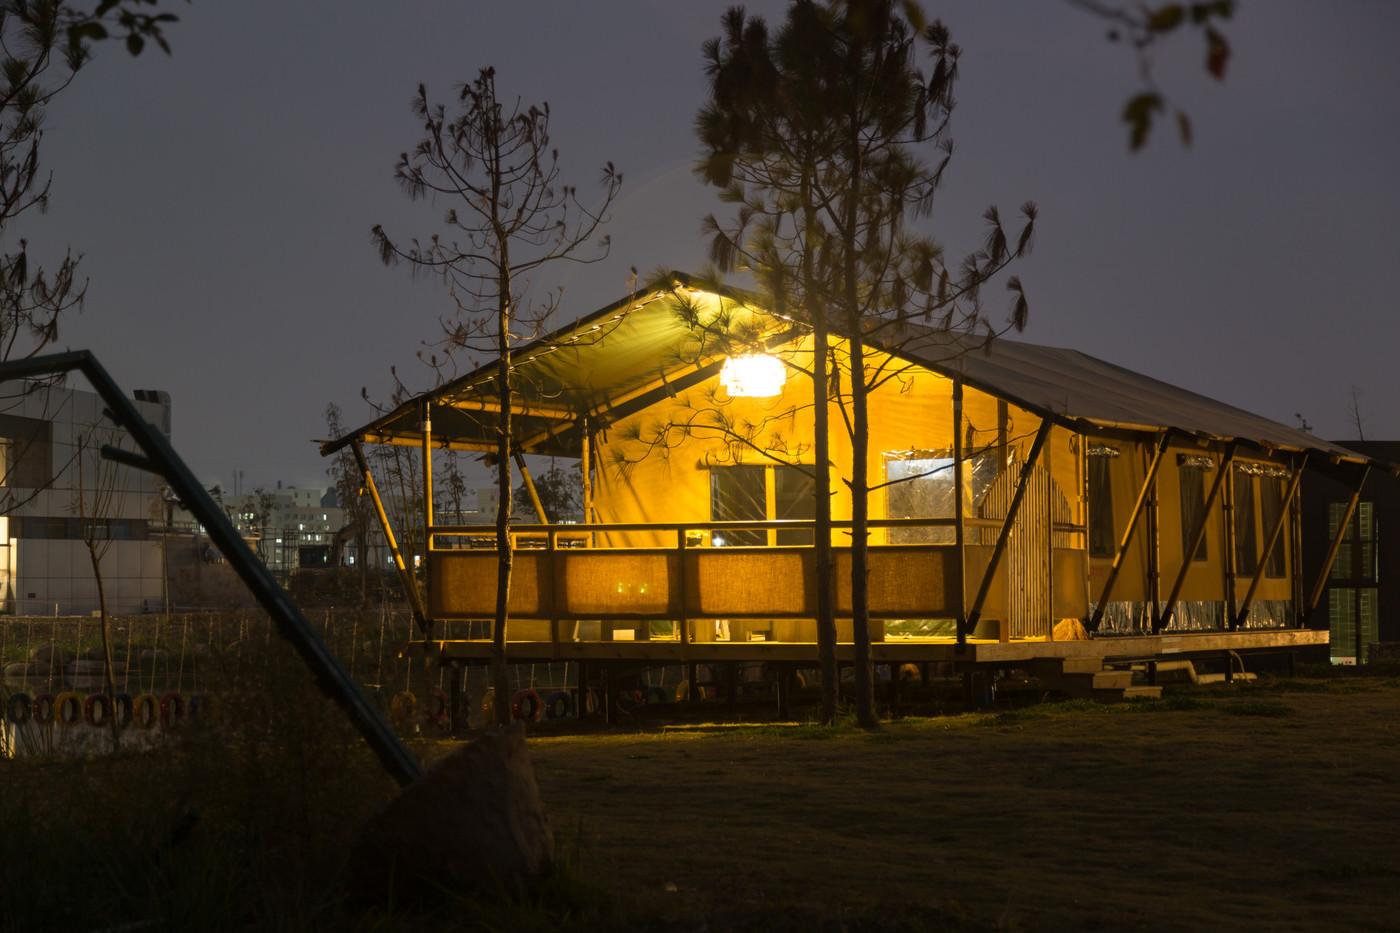 喜马拉雅野奢帐篷酒店—浙江留香之家露营地帐篷酒店(78平)16